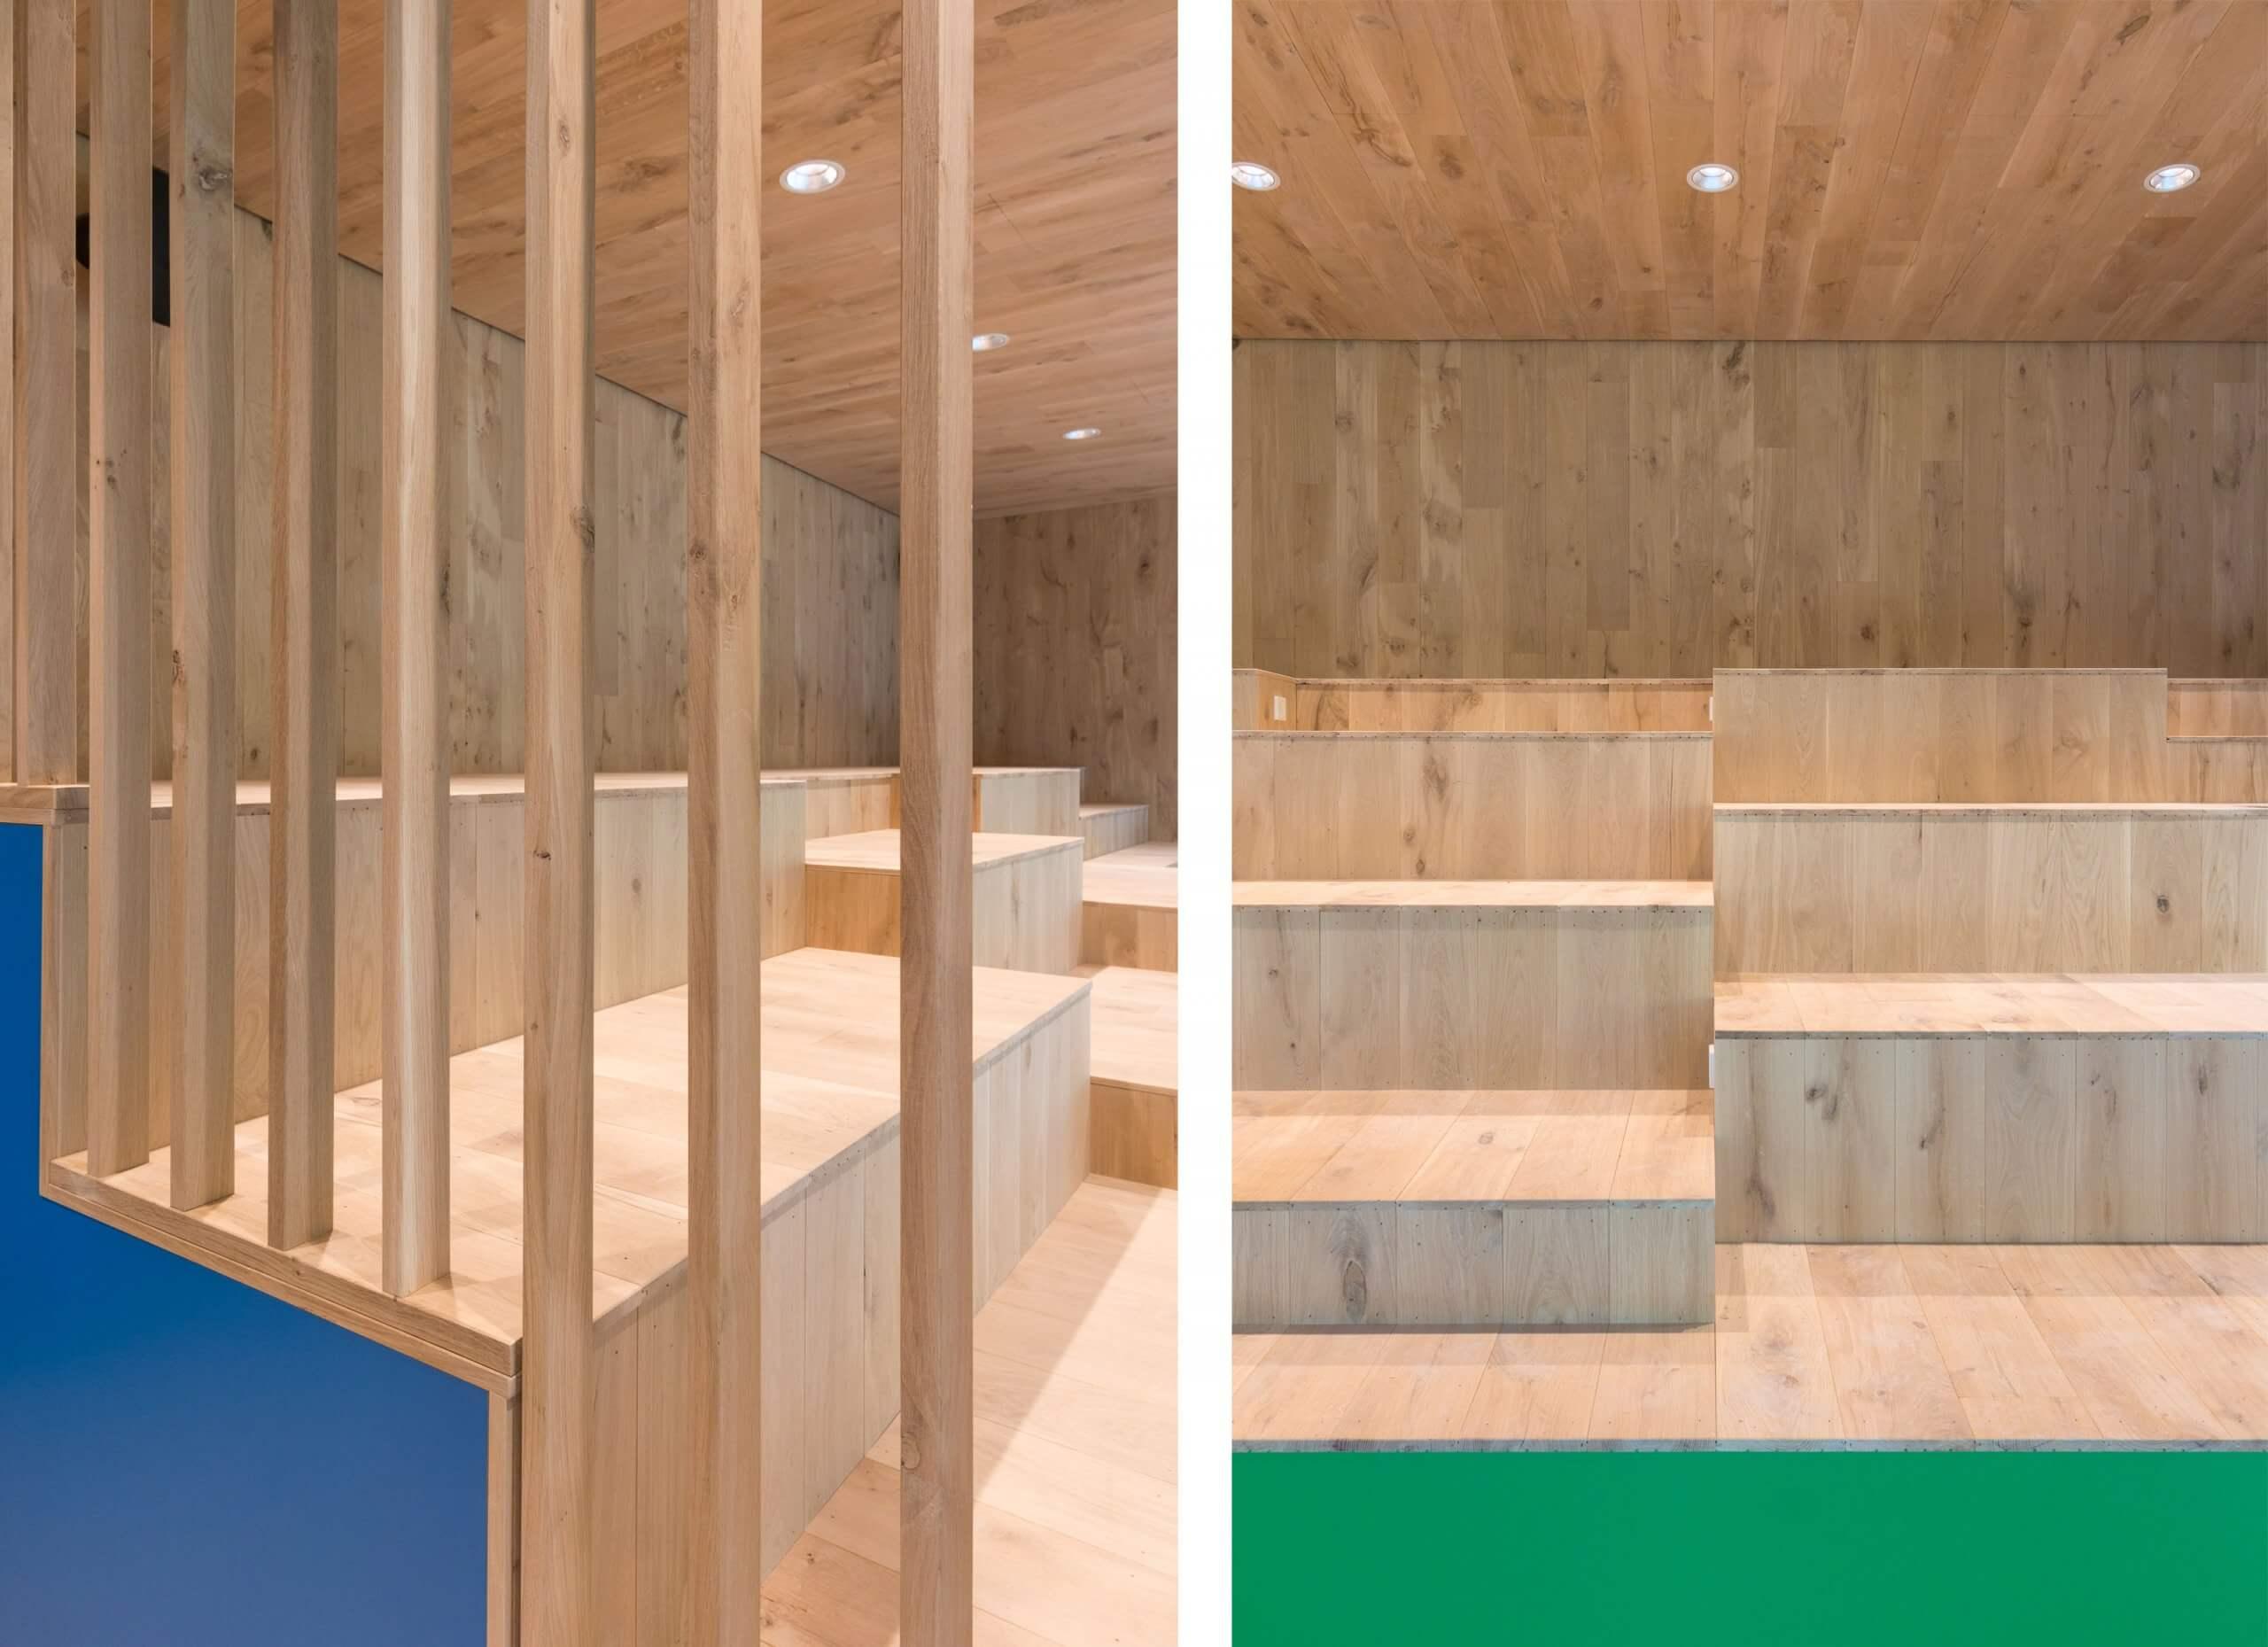 detailfoto van houten tribune element